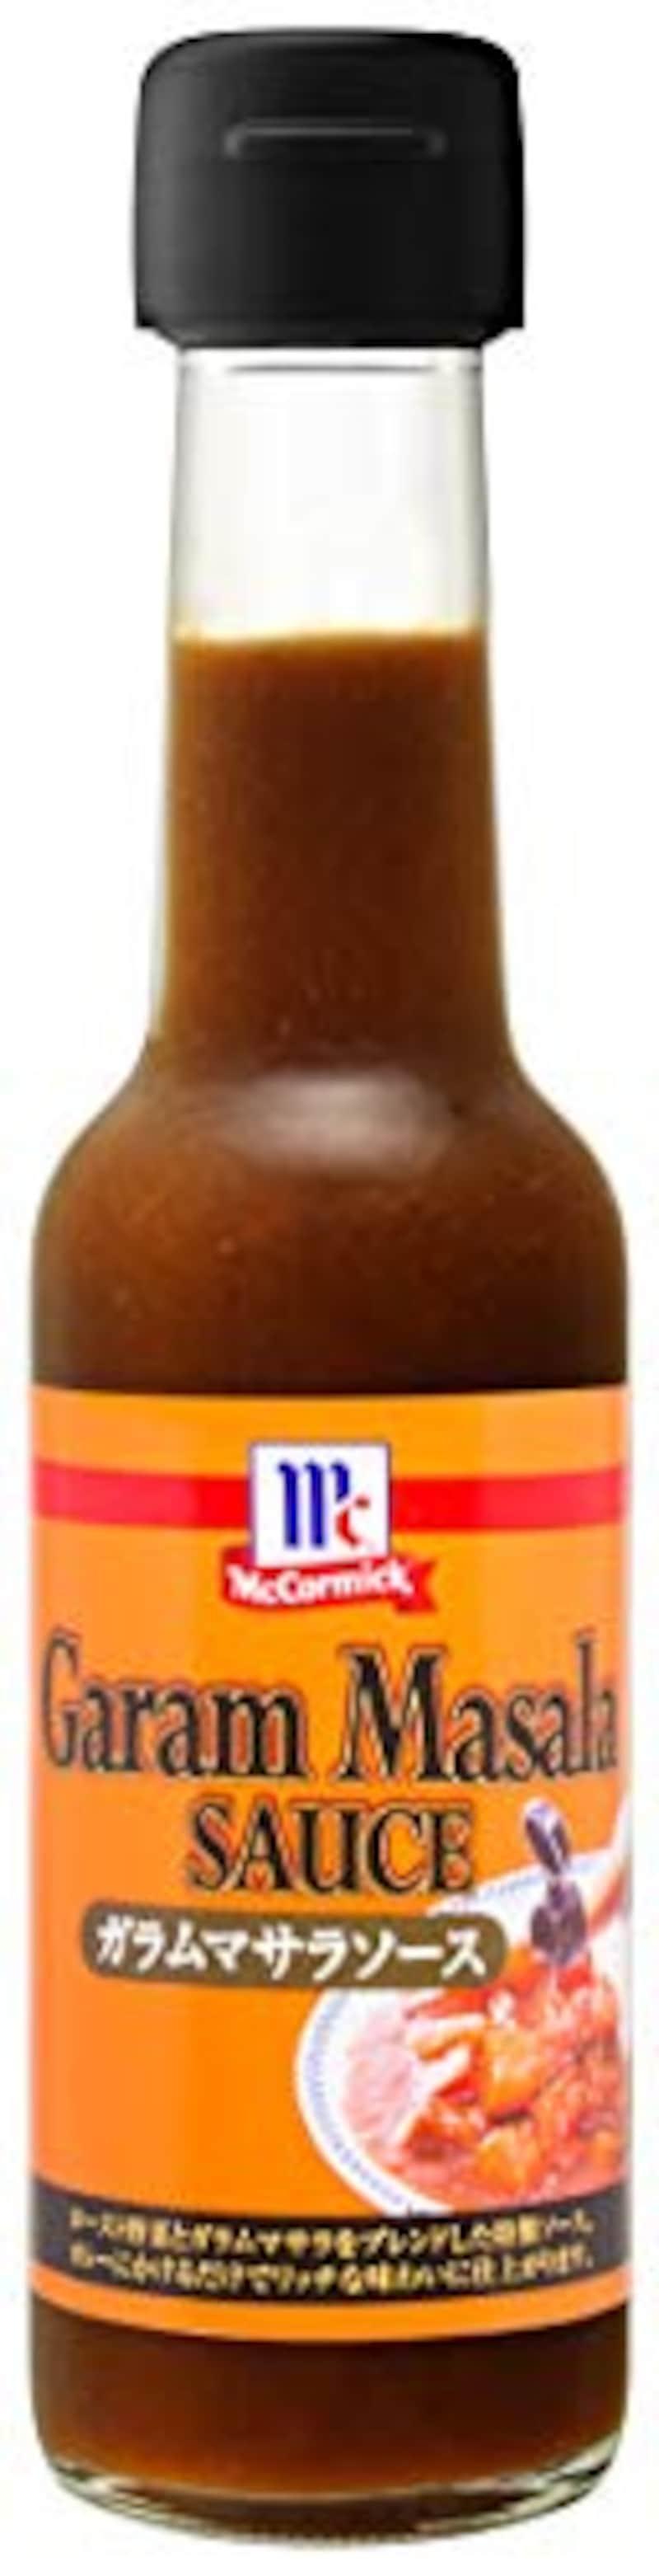 ユウキ食品,MC ガラムマサラソース